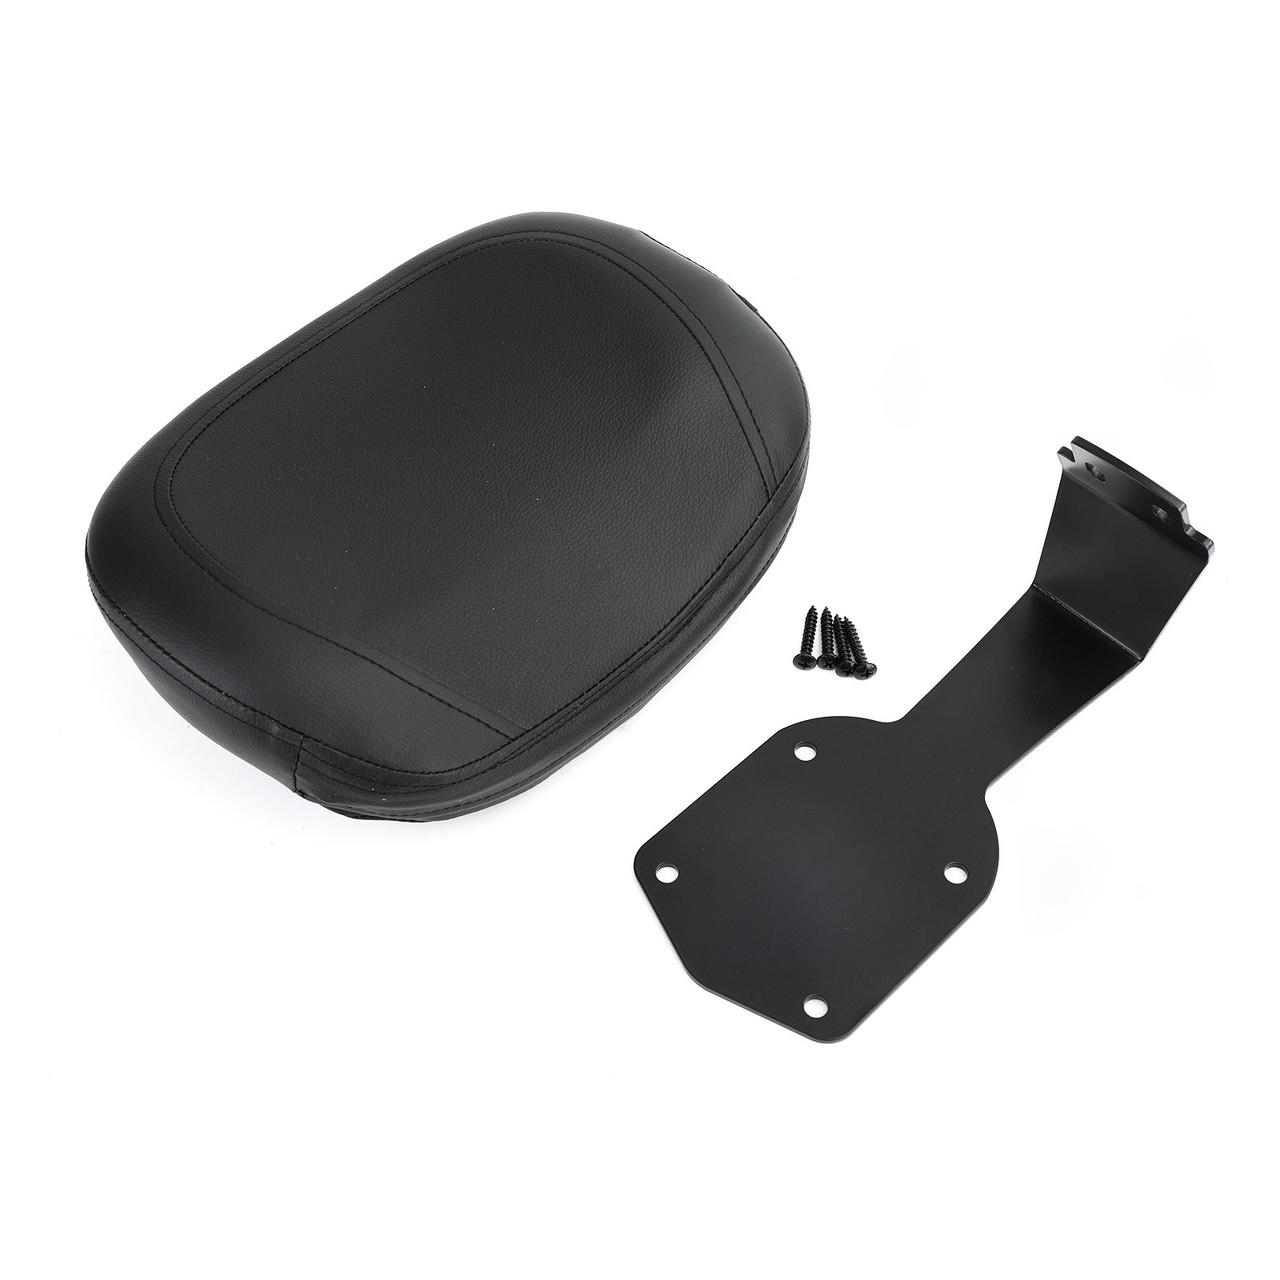 Driver Backrest Fit for Lifan V16 LF250-D Black